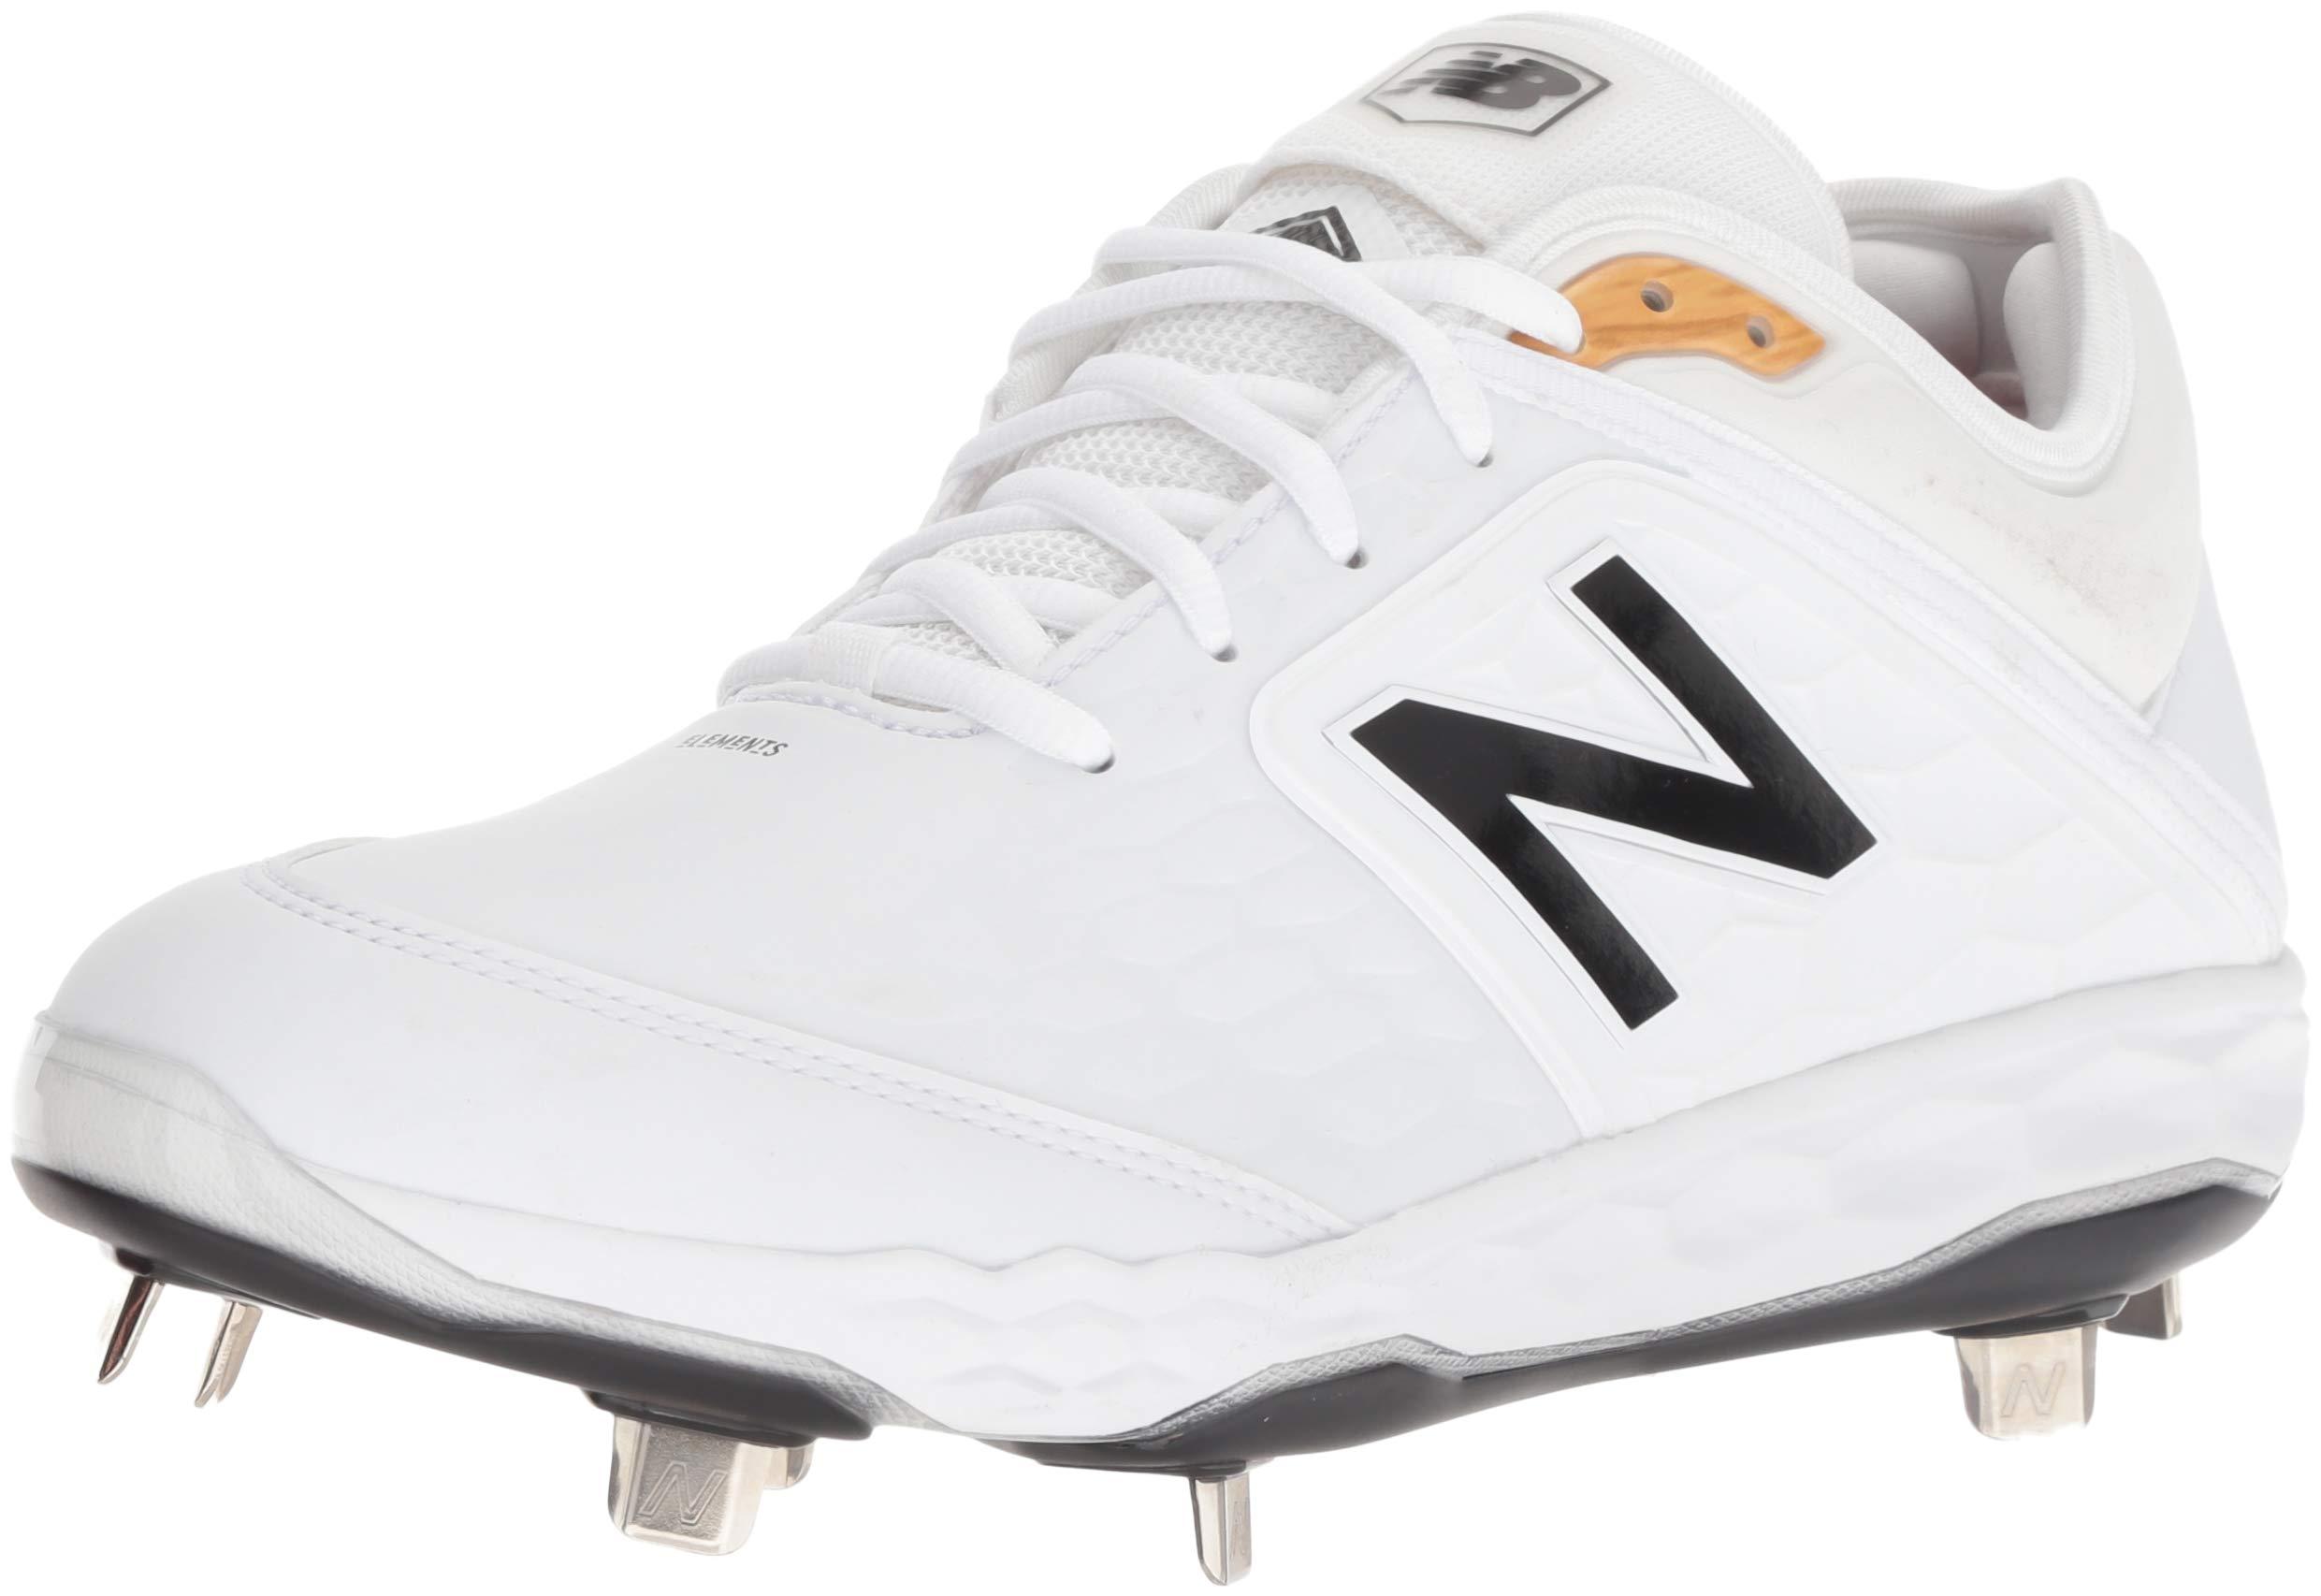 New Balance Men's 3000v4 Baseball Shoe, White, 5 D US